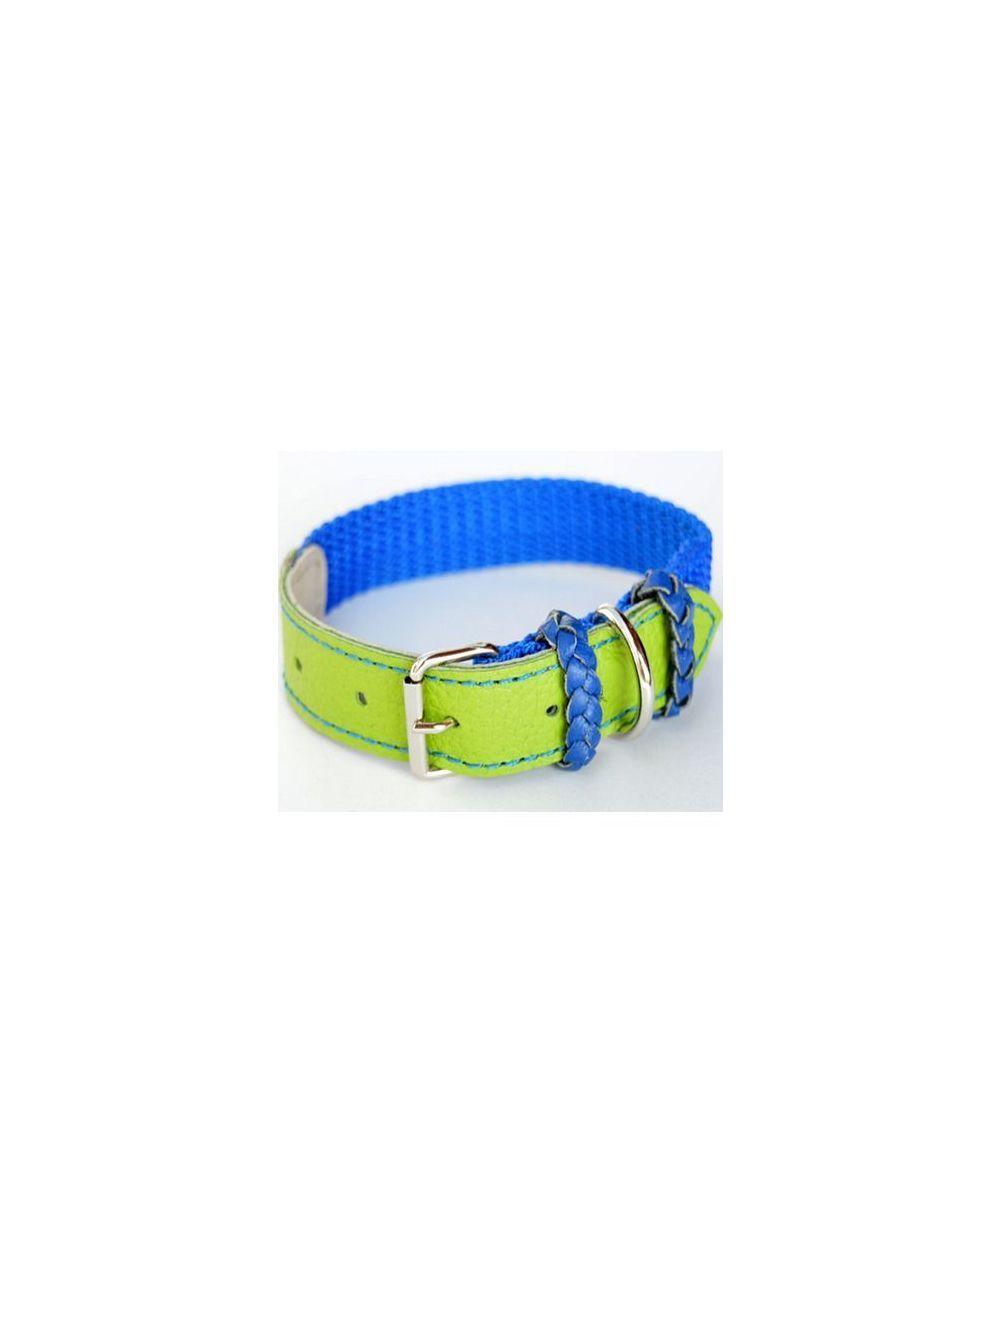 Collar Ciudaddemascotas Azul y Verde Talla M - PRSR